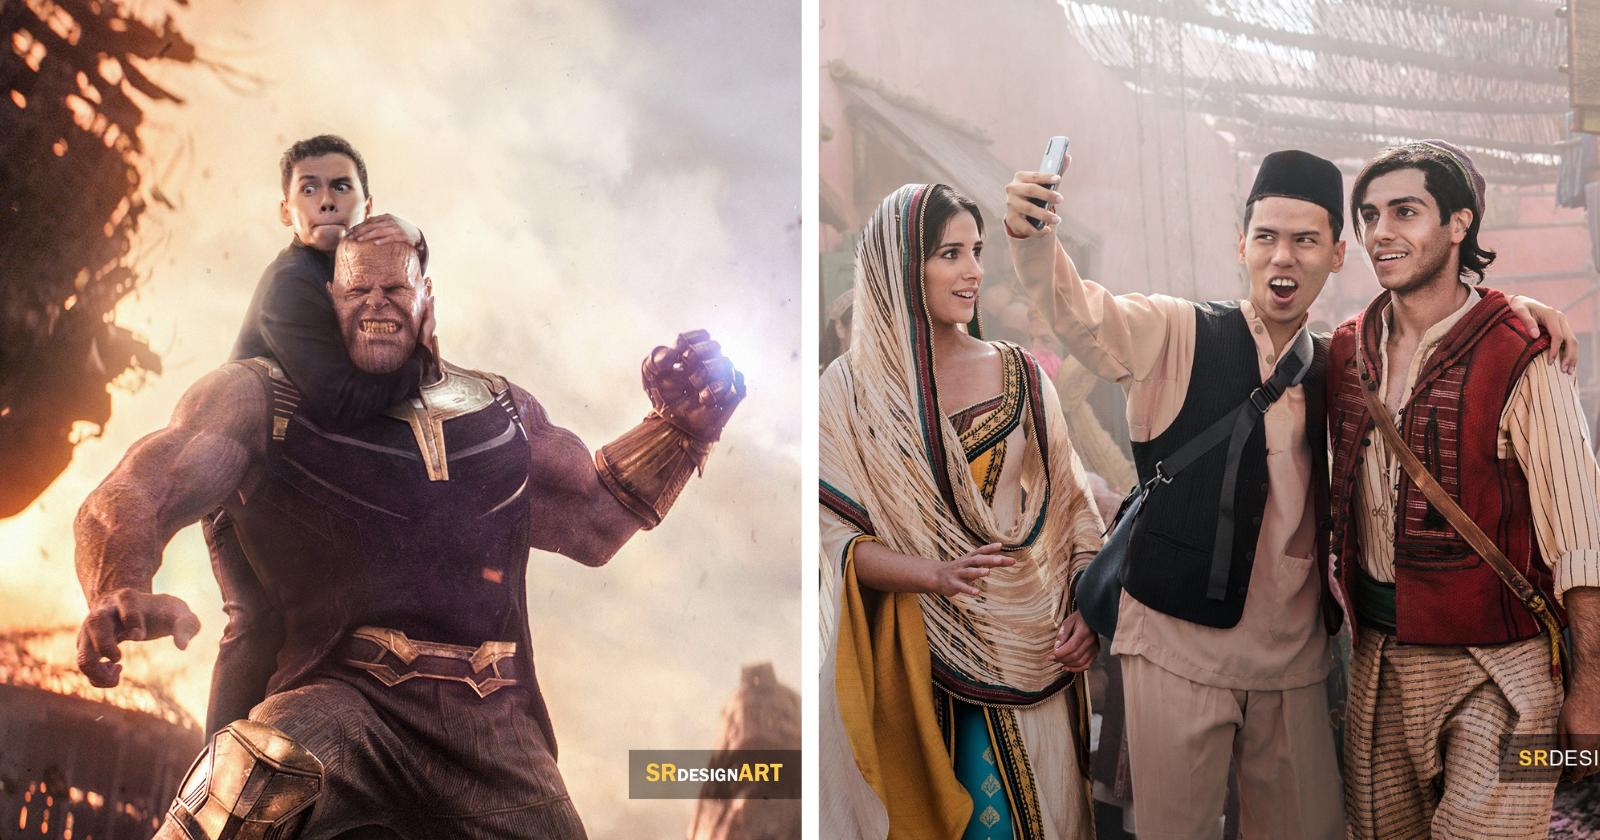 Fotógrafo cria montagens HILÁRIAS ao lado de famosos e resultados CHOCAM a web